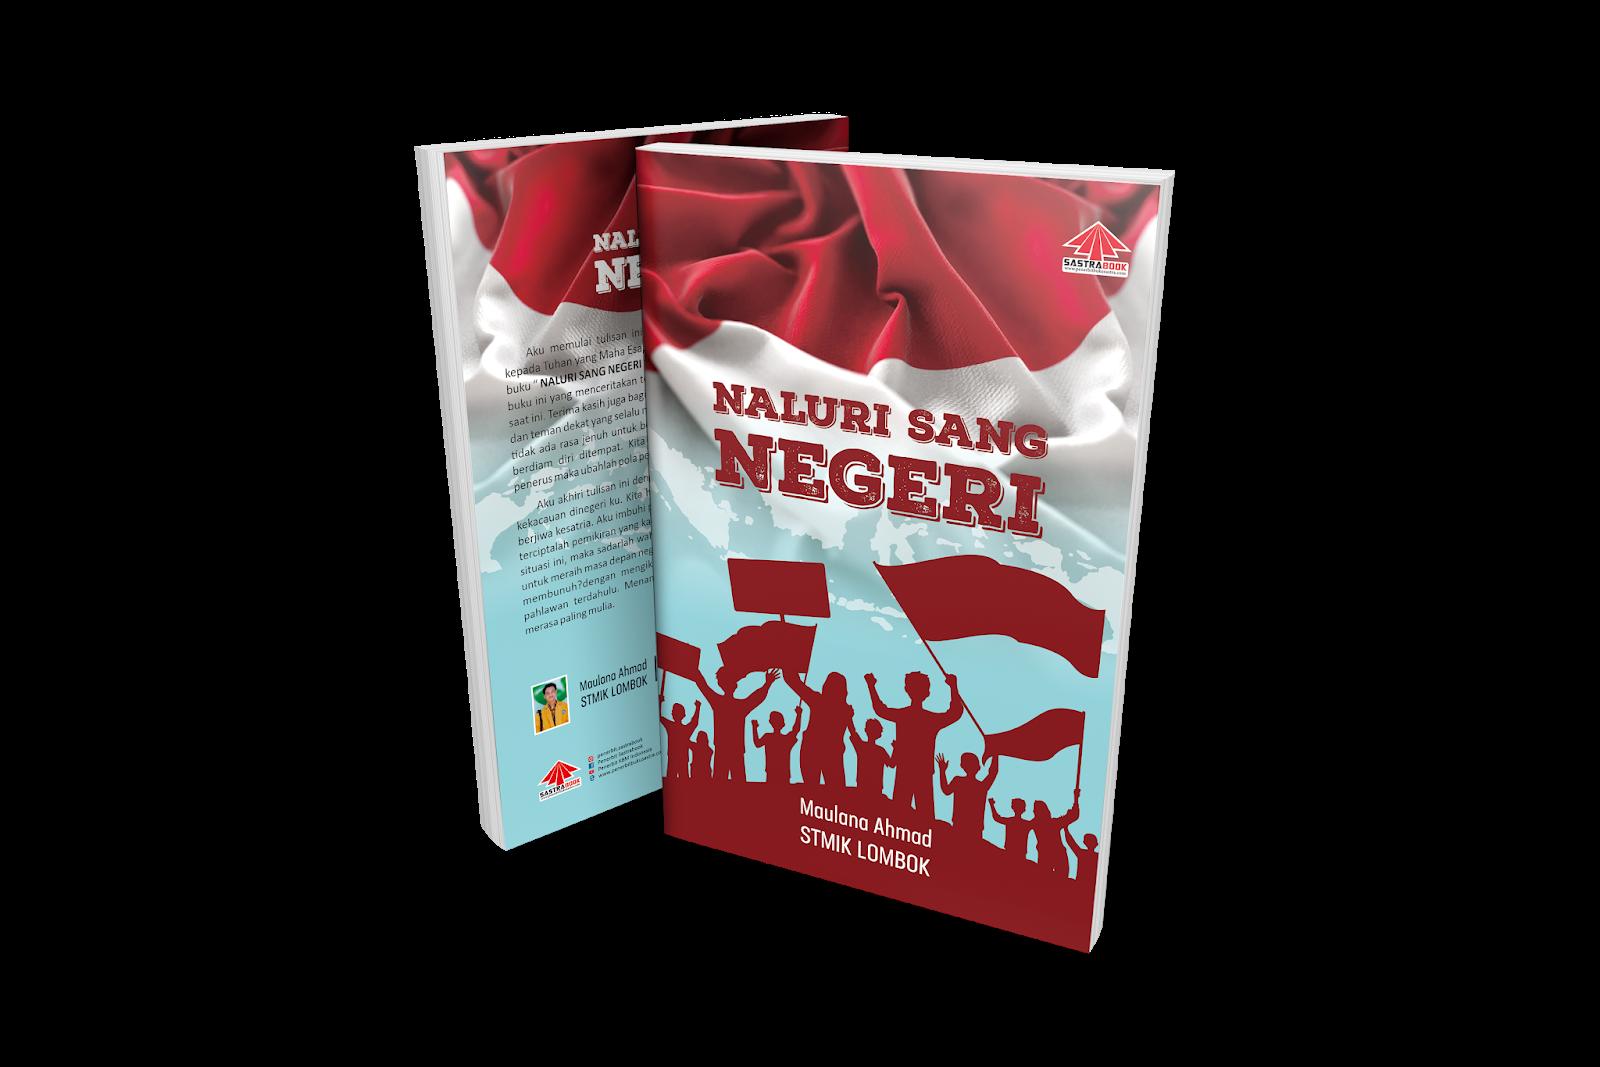 NALURI SANG NEGERI